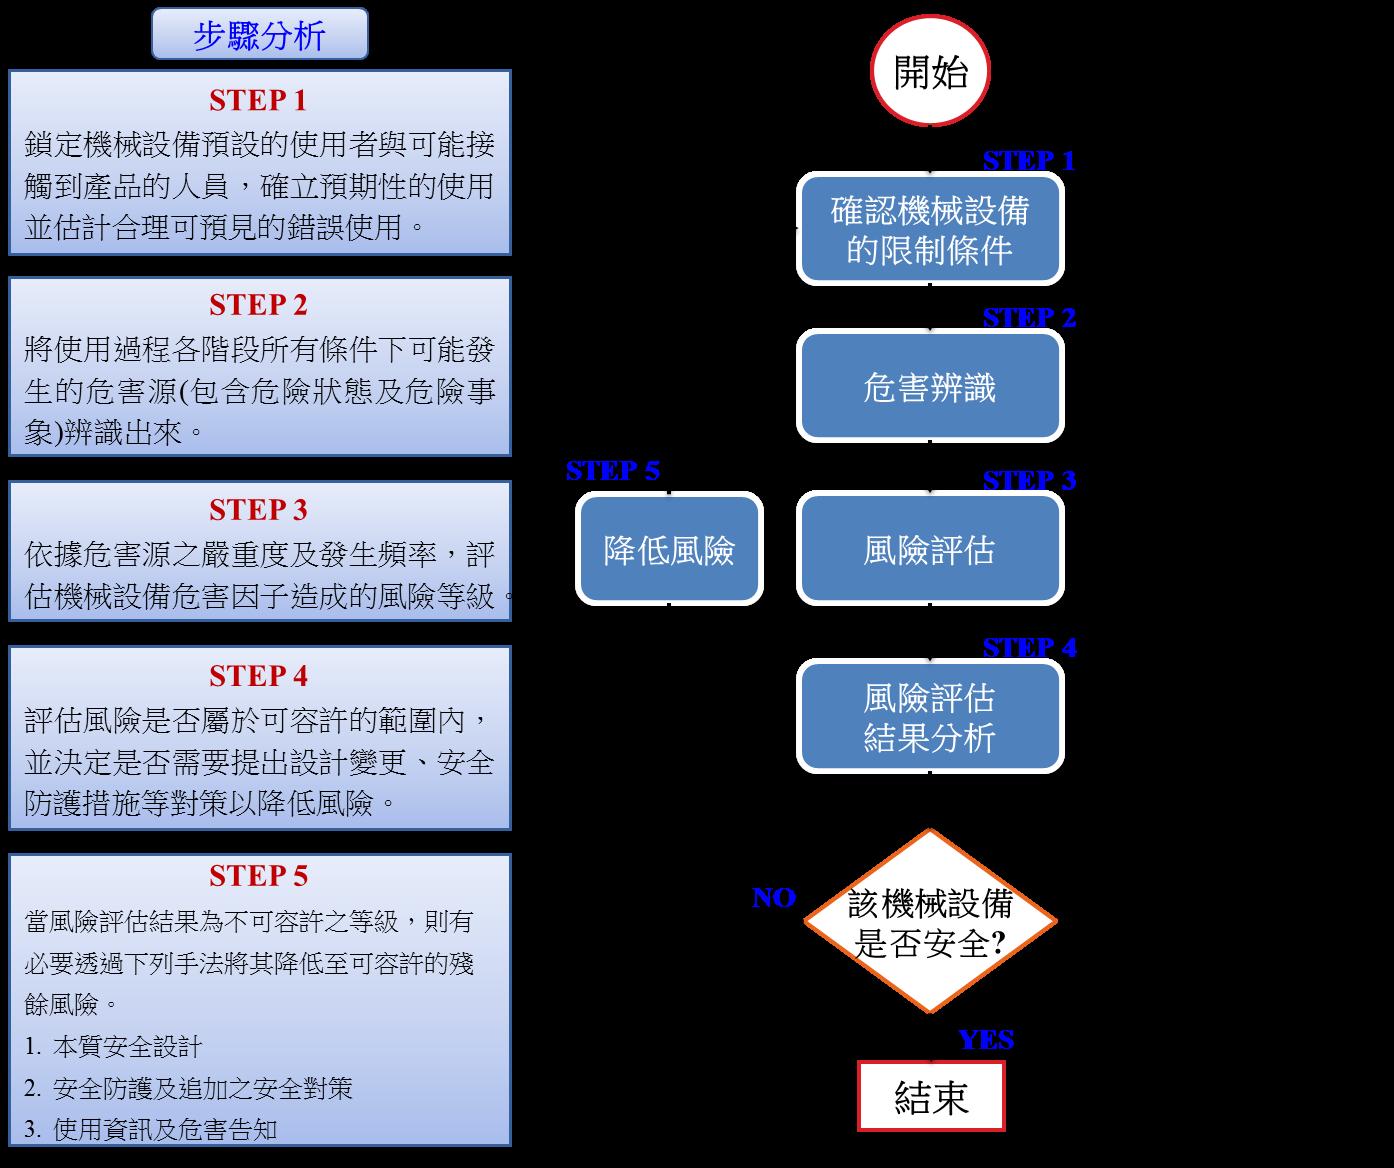 設備風險評估實施步驟